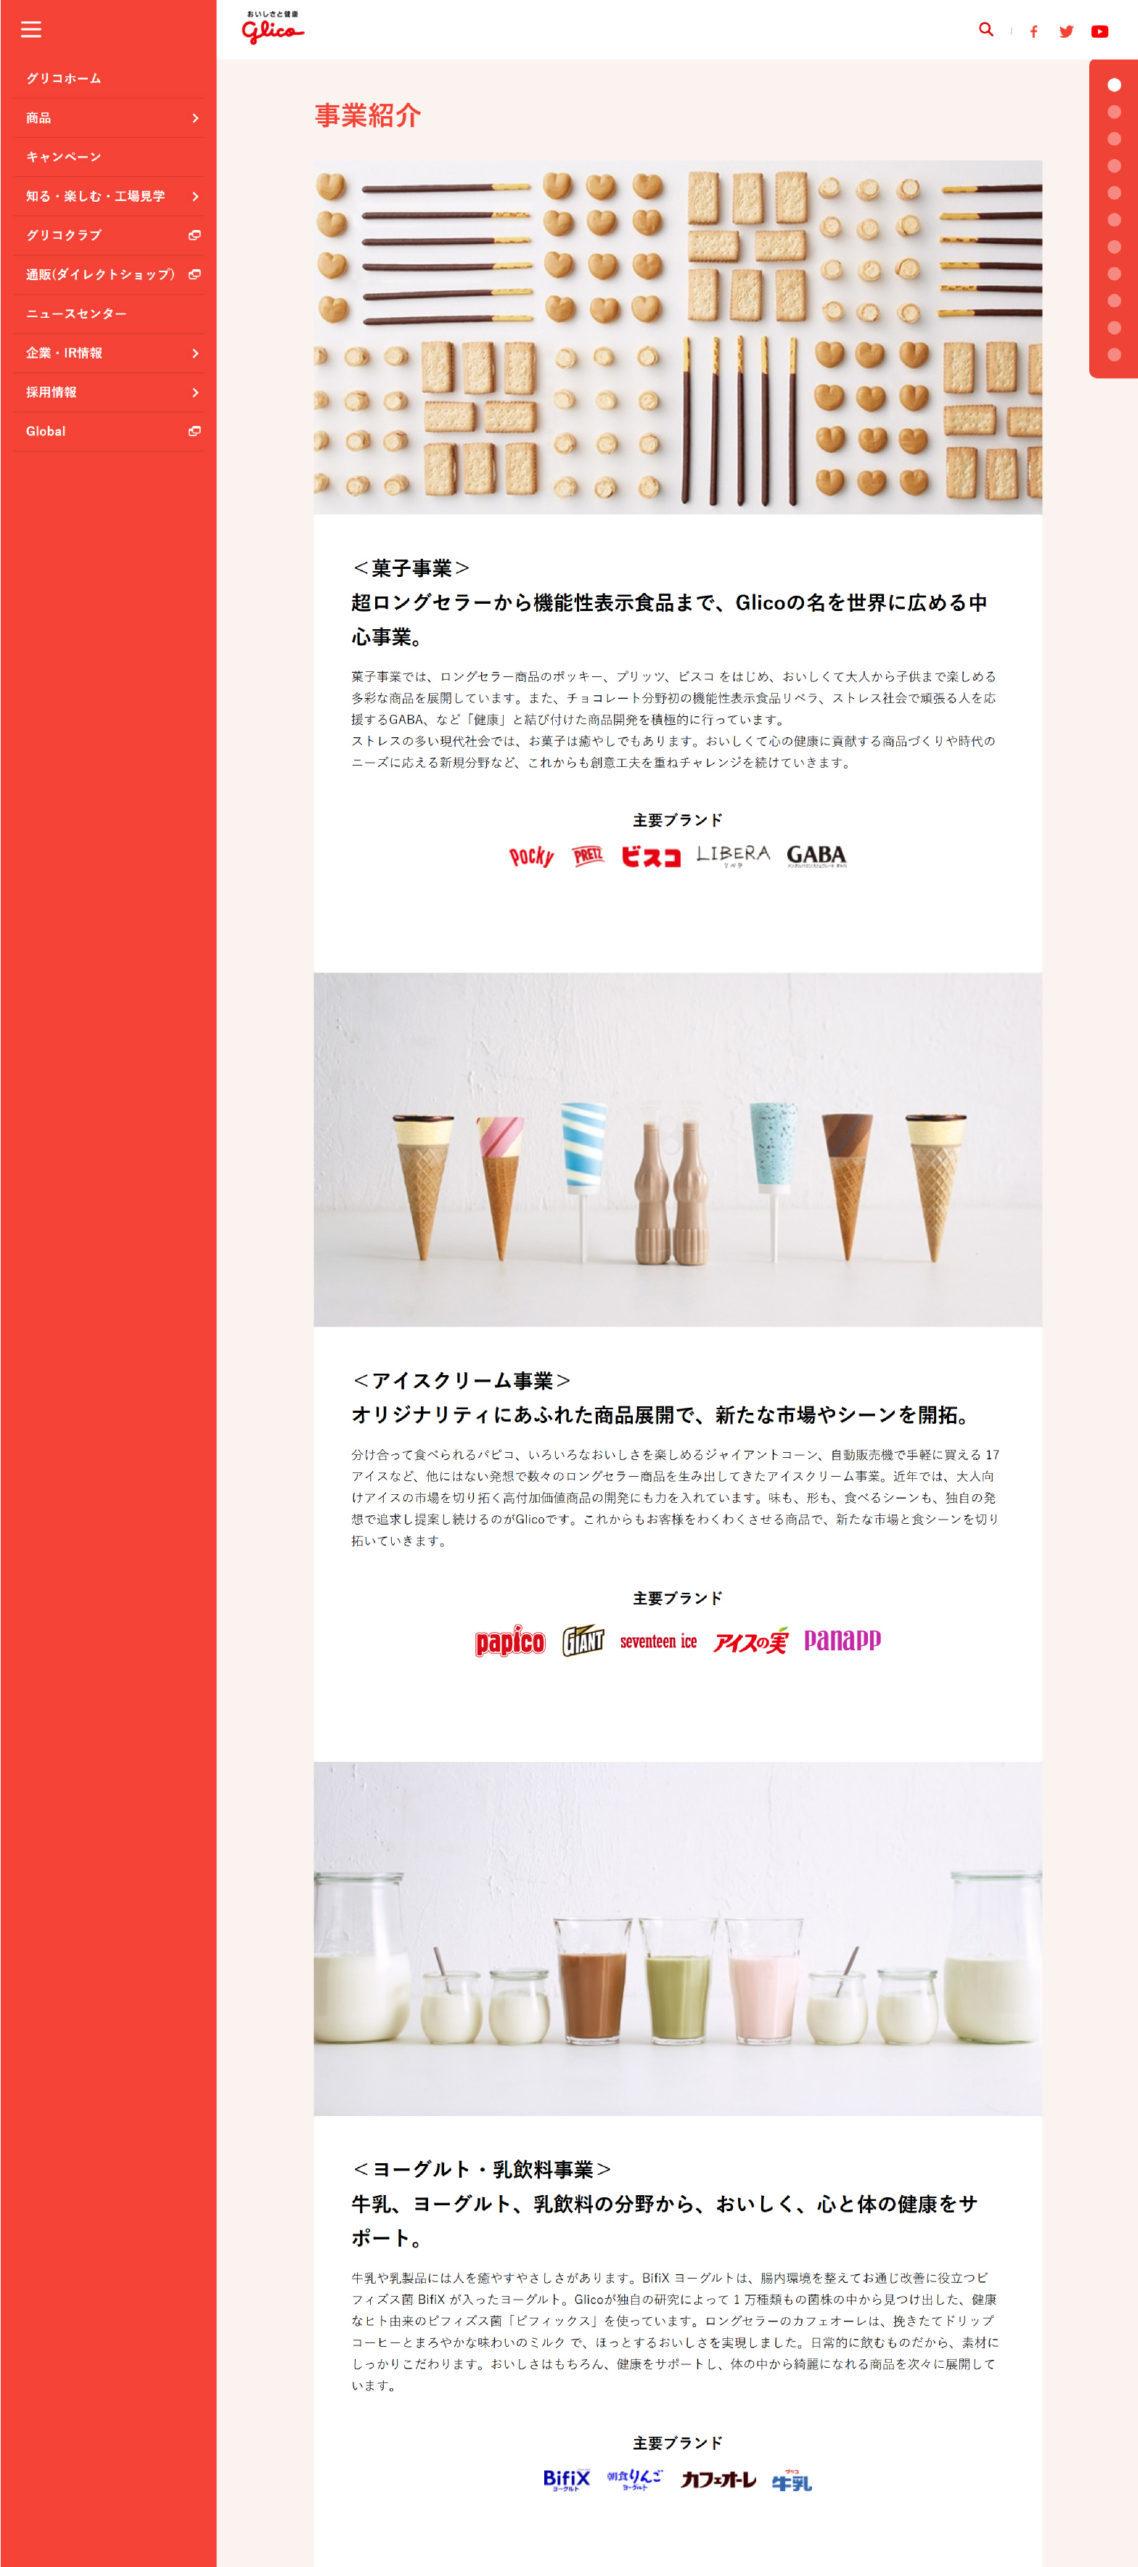 江崎グリコ株式会社様コーポレートサイト/事業紹介ページ